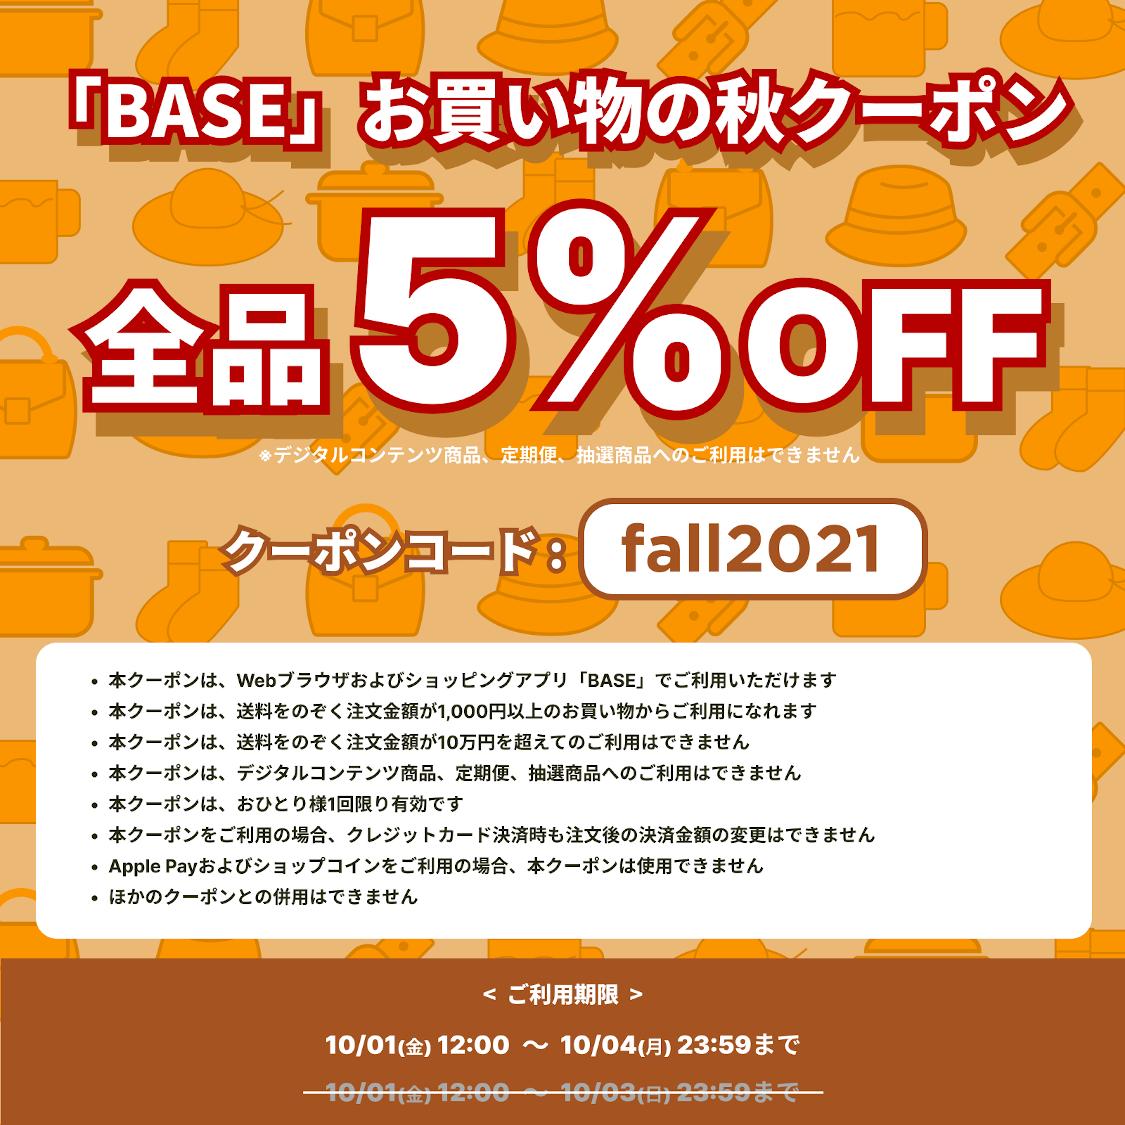 【10/1~10/4 期間限定】お買い物の秋クーポンキャンペーン! お得な5%OFFクーポン